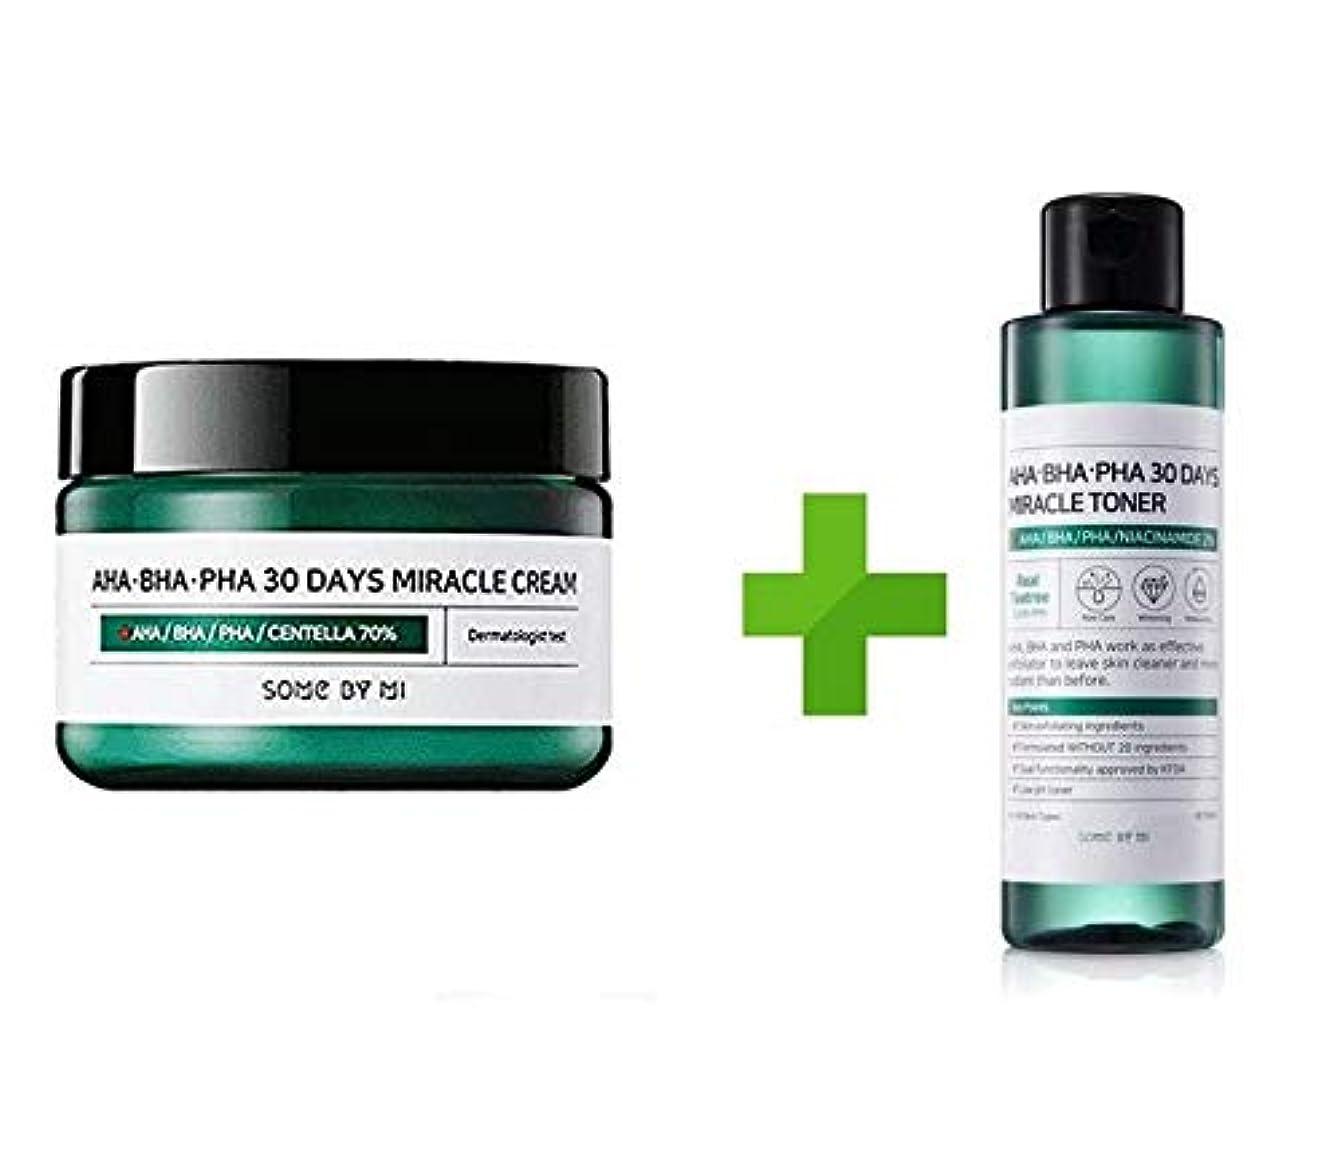 モジュールアライメント間隔Somebymi AHA BHA PHA Miracle Cream (50ml + Toner 150ml)Skin Barrier & Recovery, Soothing with Tea Tree 10,000ppm...